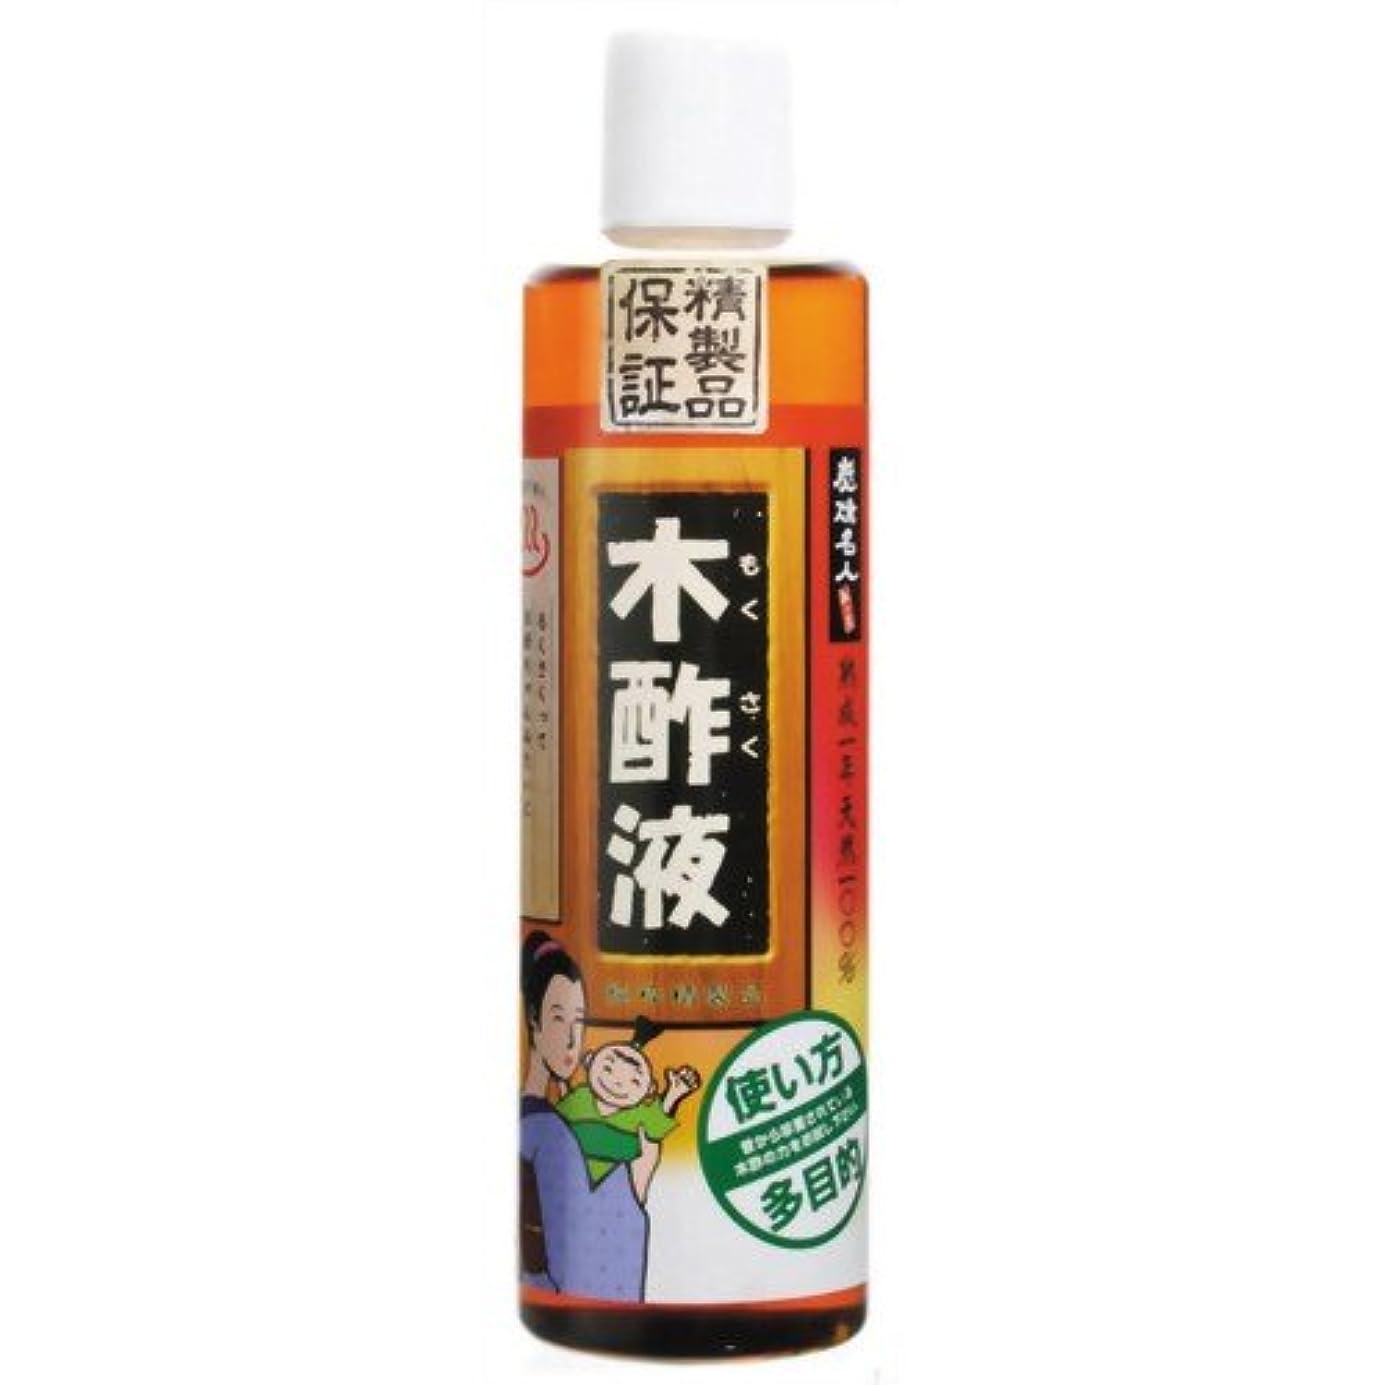 オフェンス意識的クール純粋木酢液 320ml